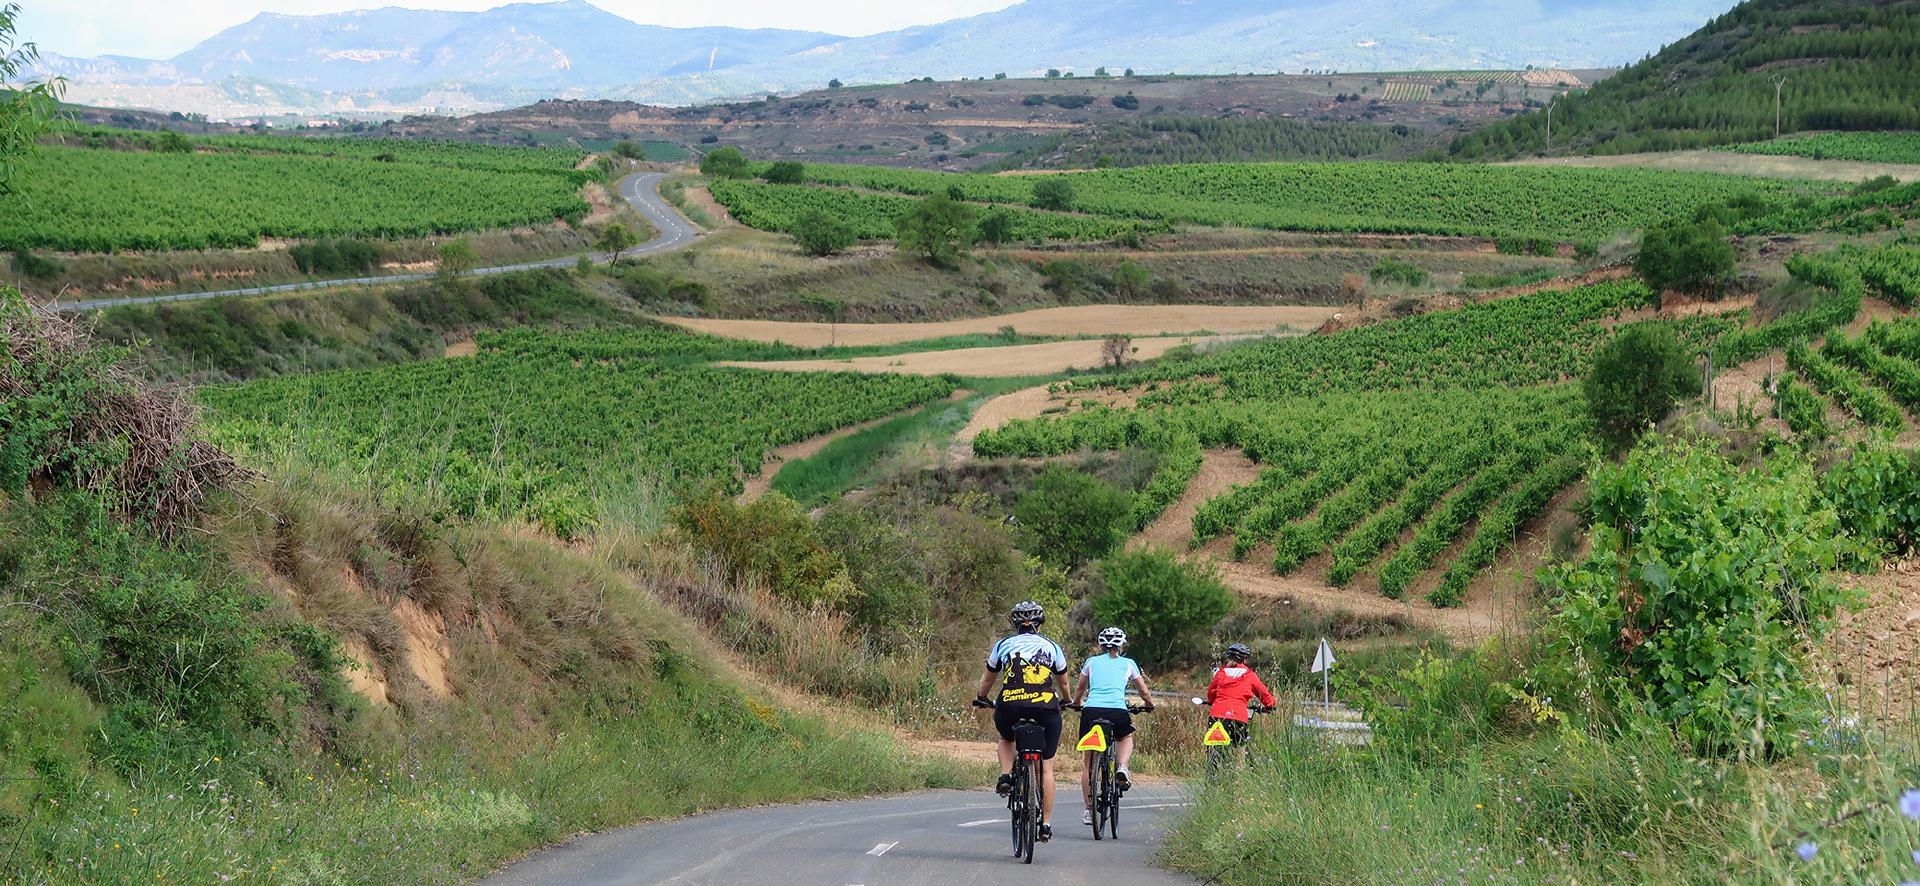 Spain: Camino de Santiago